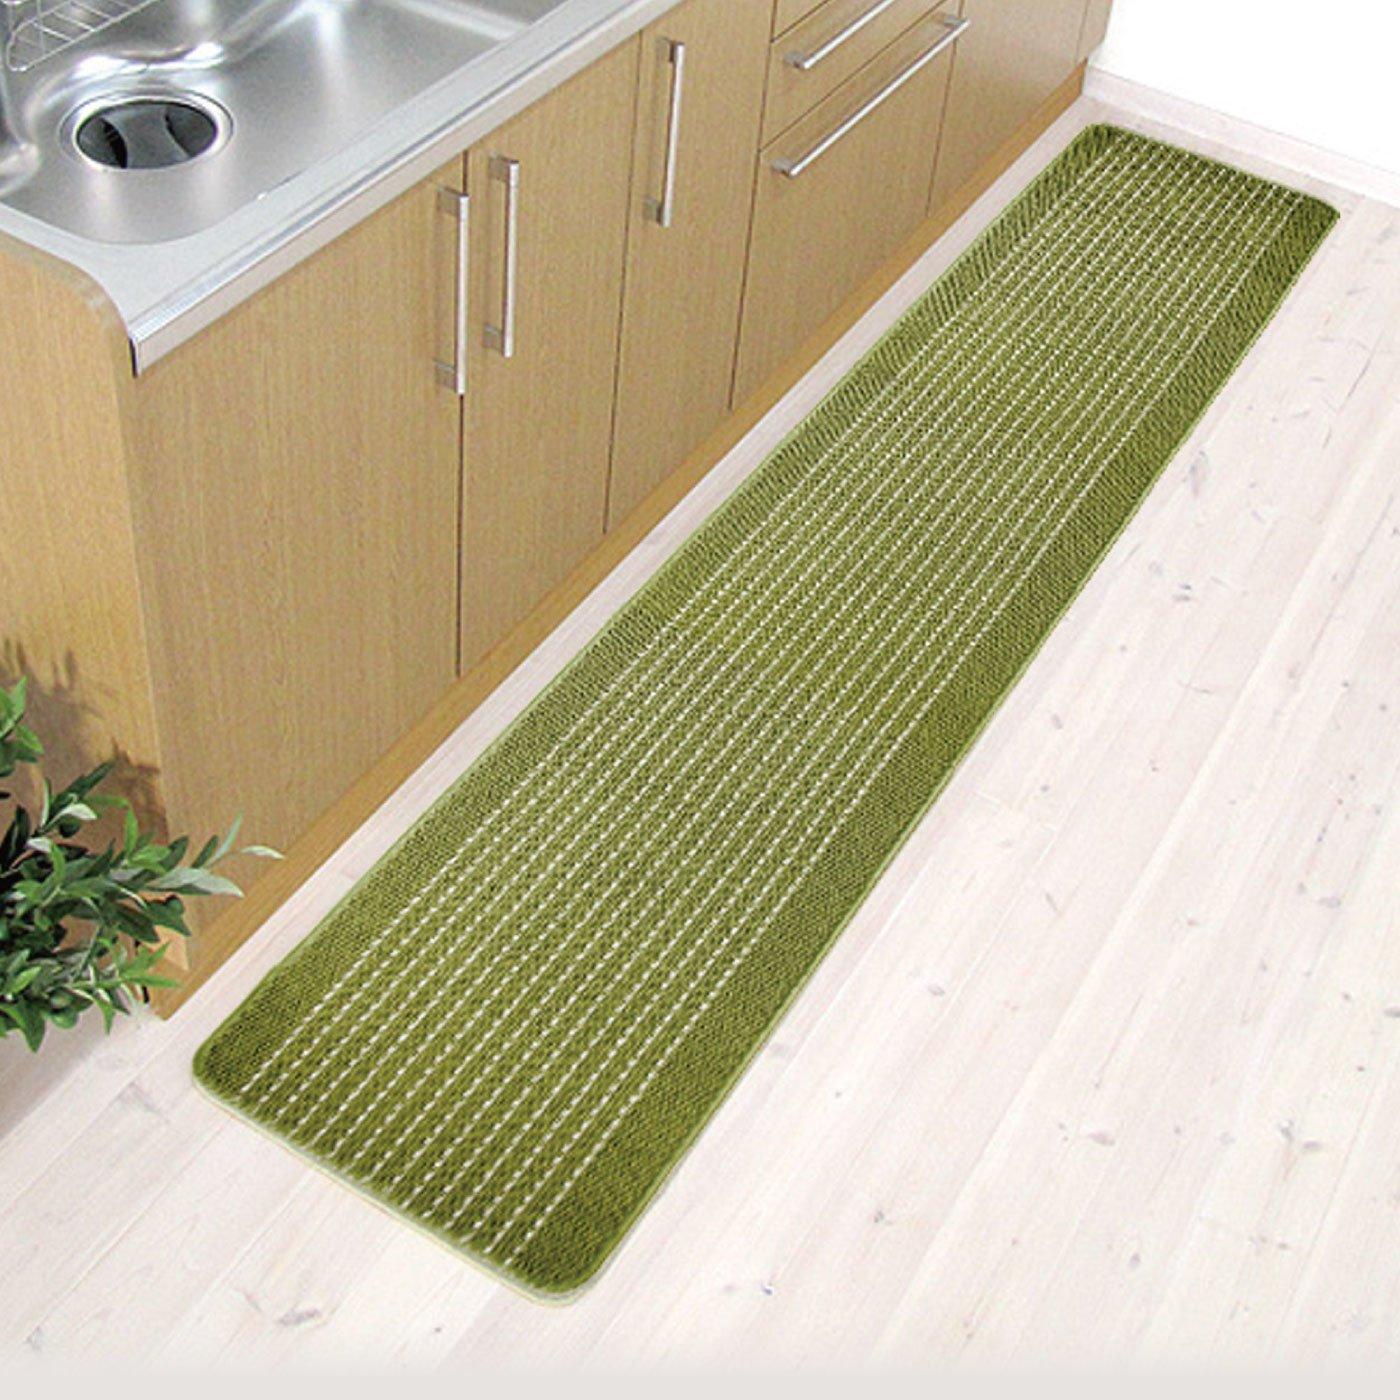 優踏生 洗いやすいキッチンマット45×240